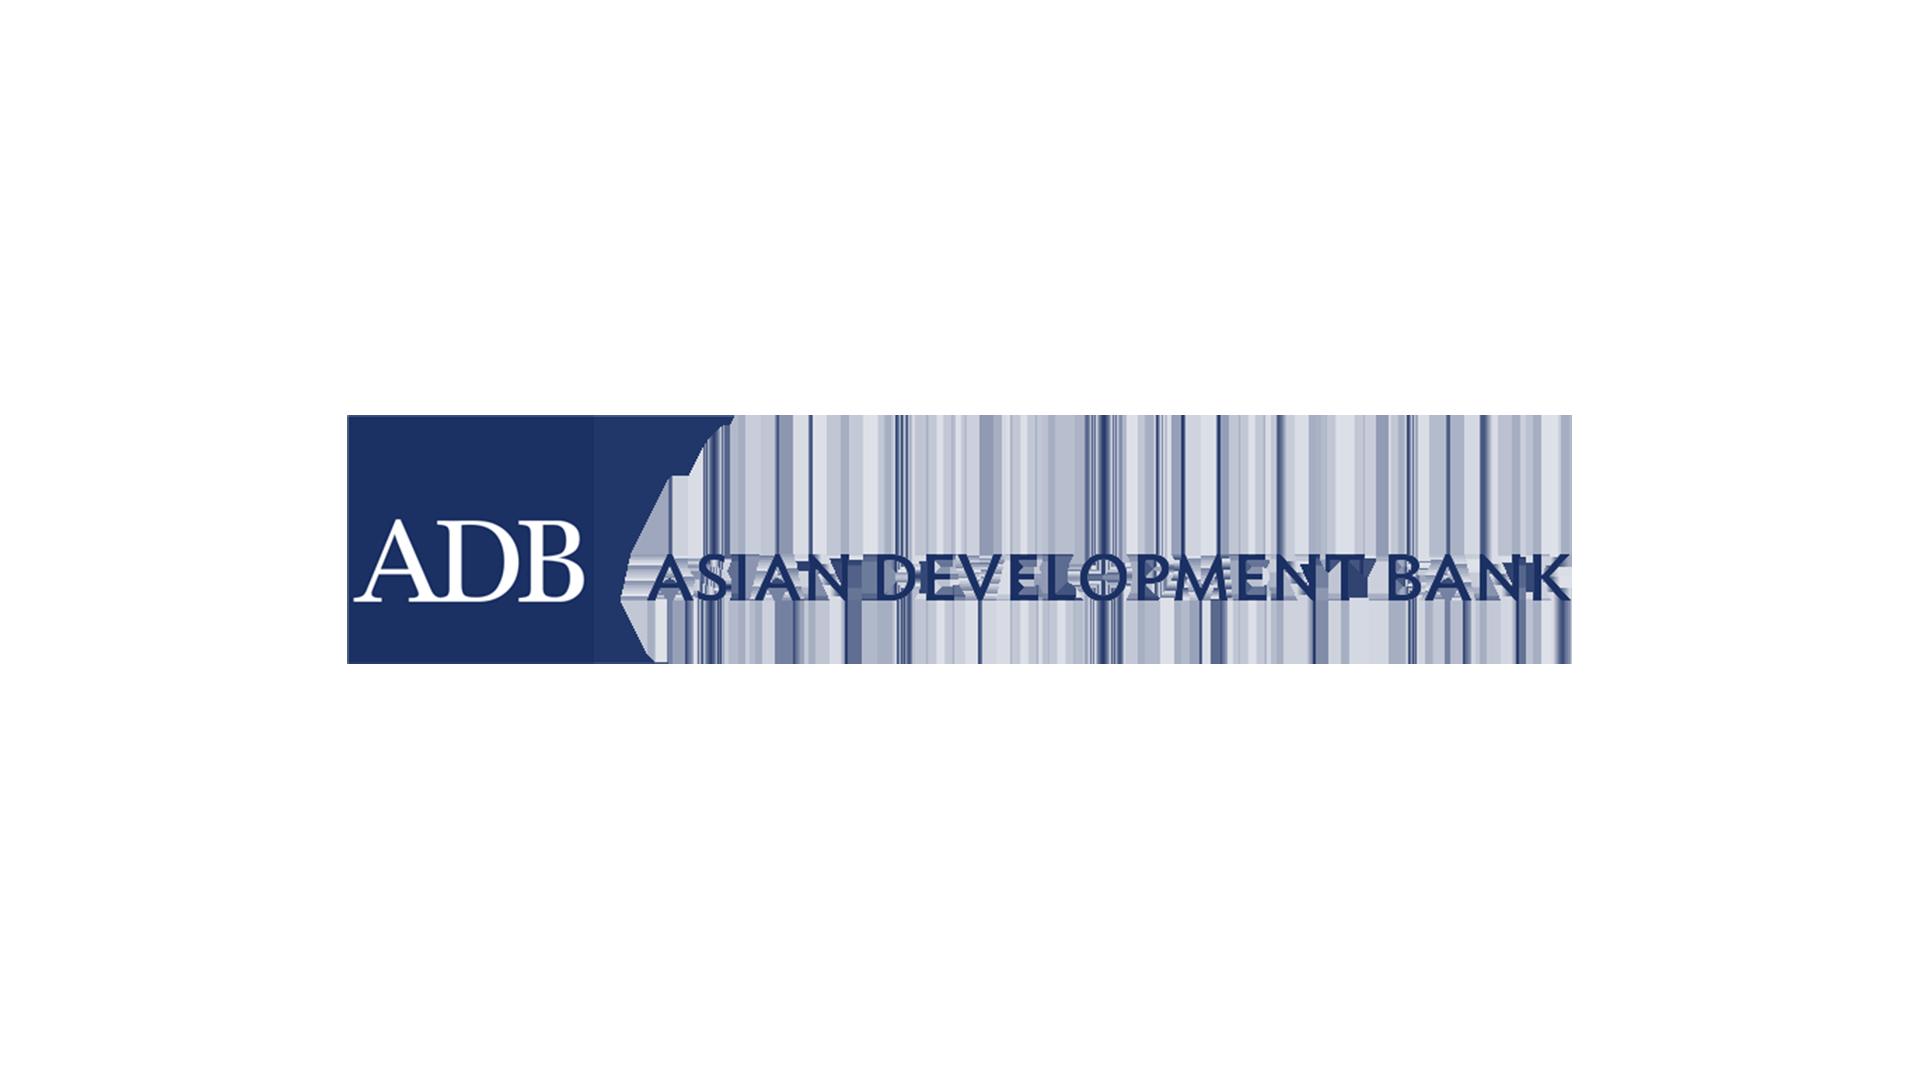 asian-development-bank.png